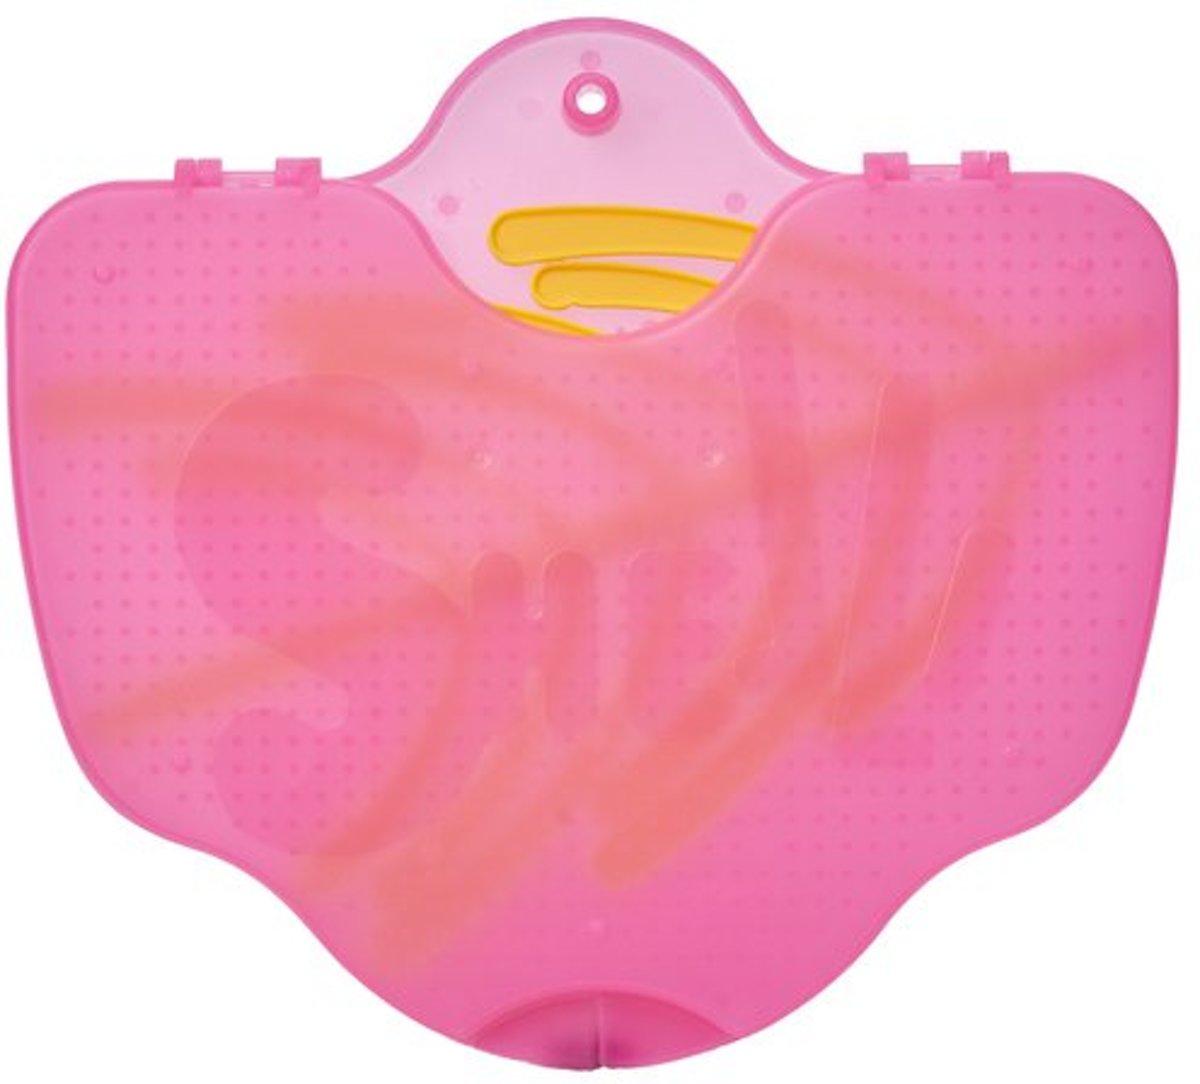 Jippie's Shelli - Flessenrek - Roze